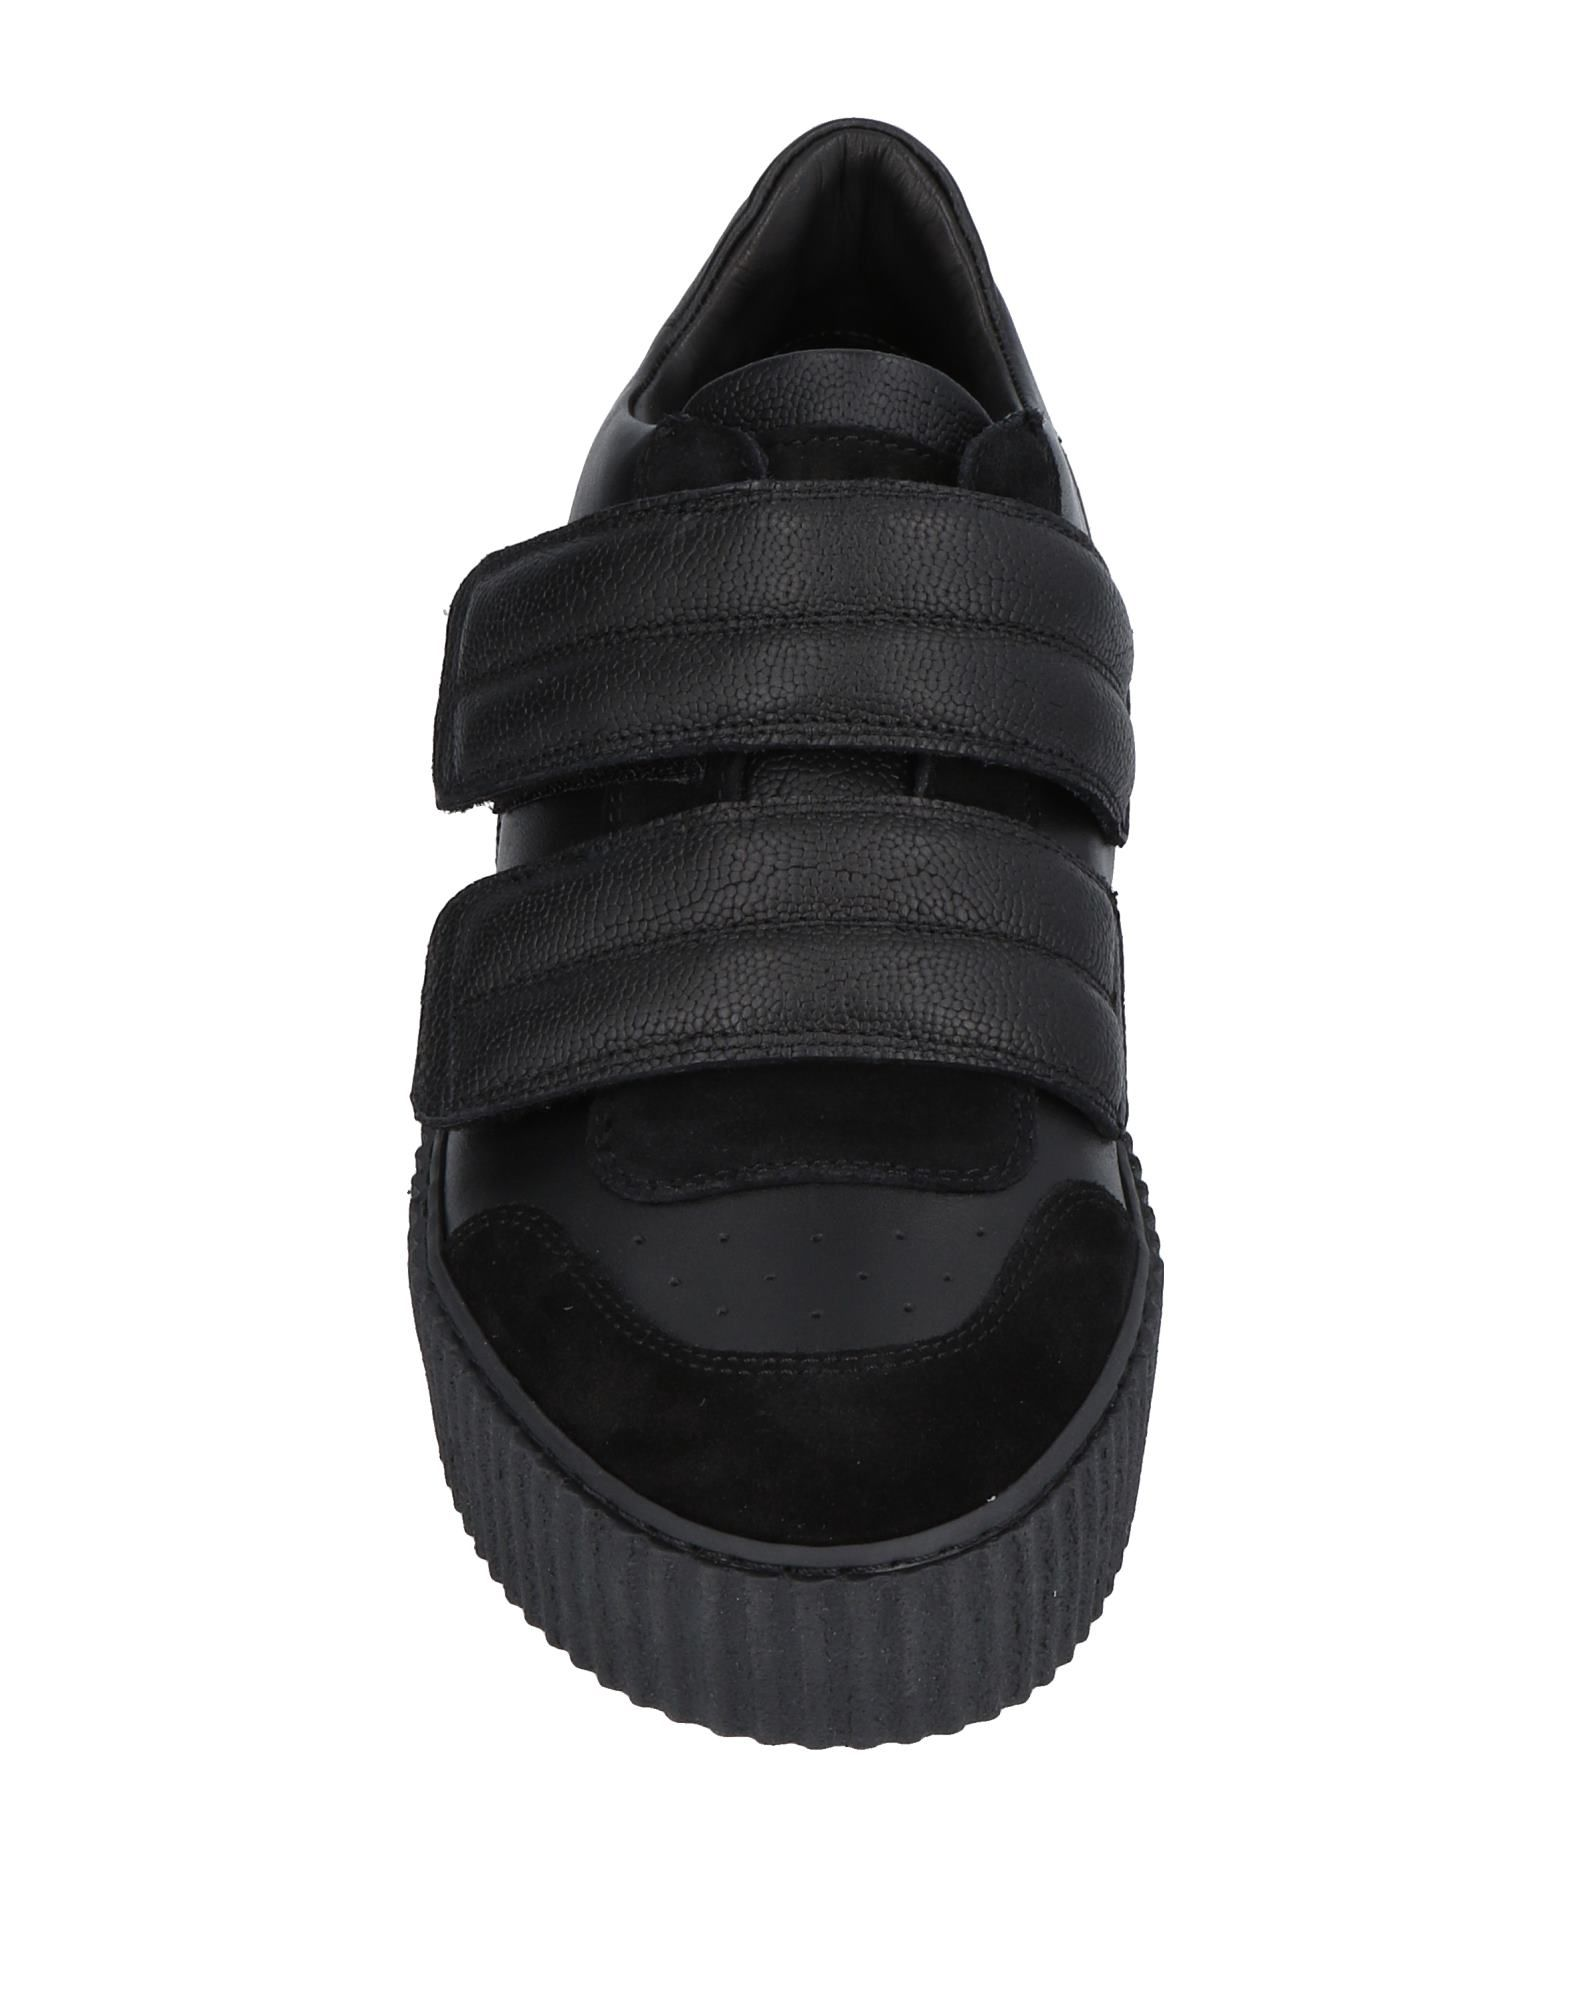 Mm6 Maison 11469256UT Margiela Sneakers Damen  11469256UT Maison Neue Schuhe c1ecc0